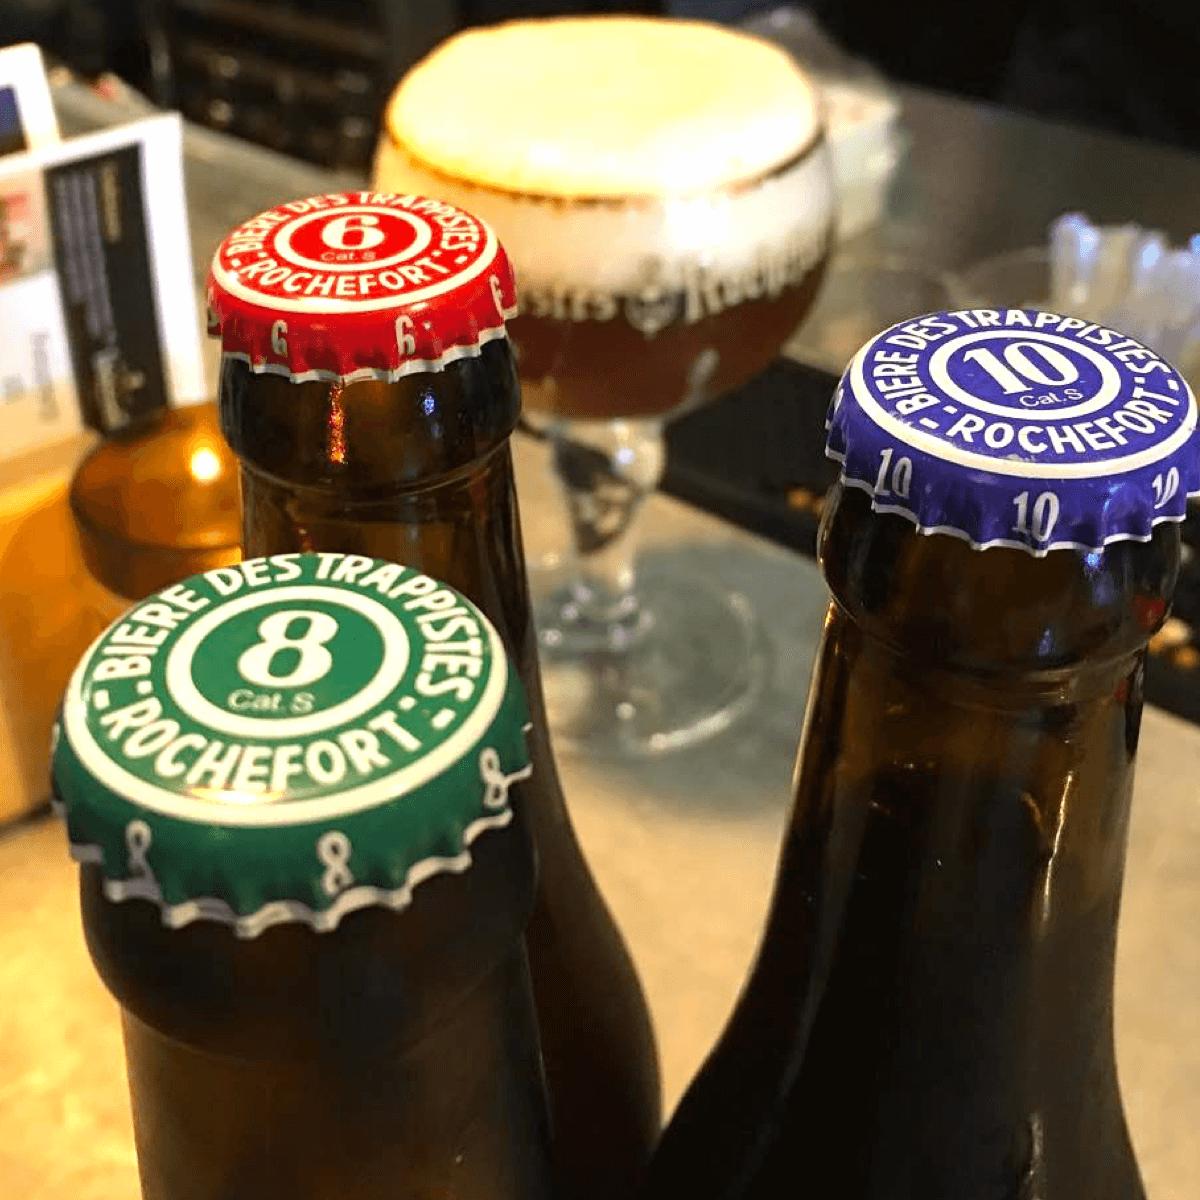 La bièreRochefort ne sort jamais sans ses soeurs ! - Crédit Photo : @brusselsbistro